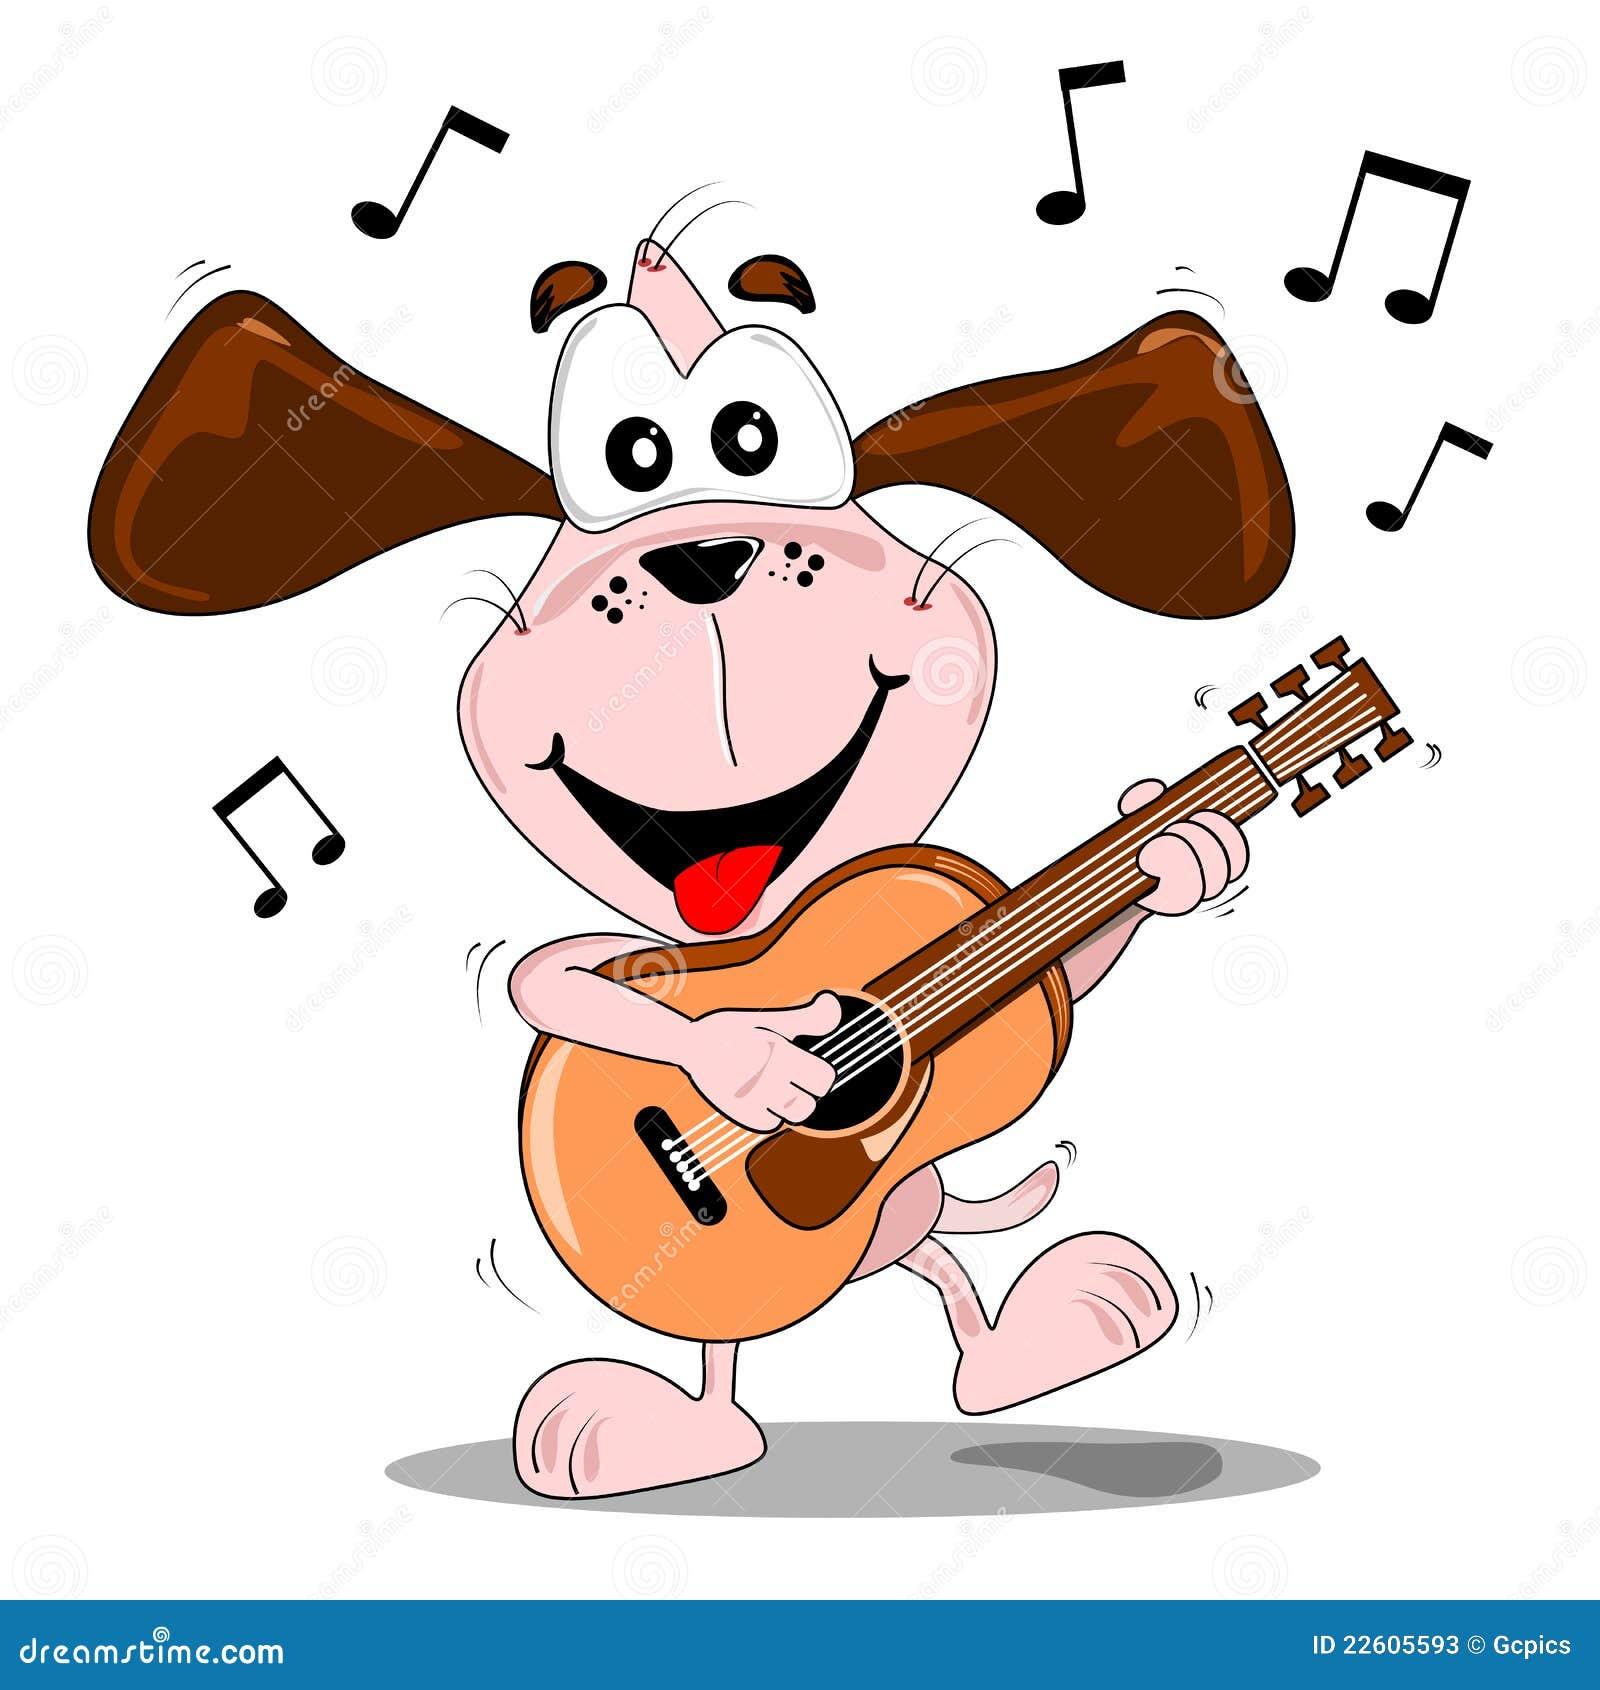 a cartoon dog playing a guitar